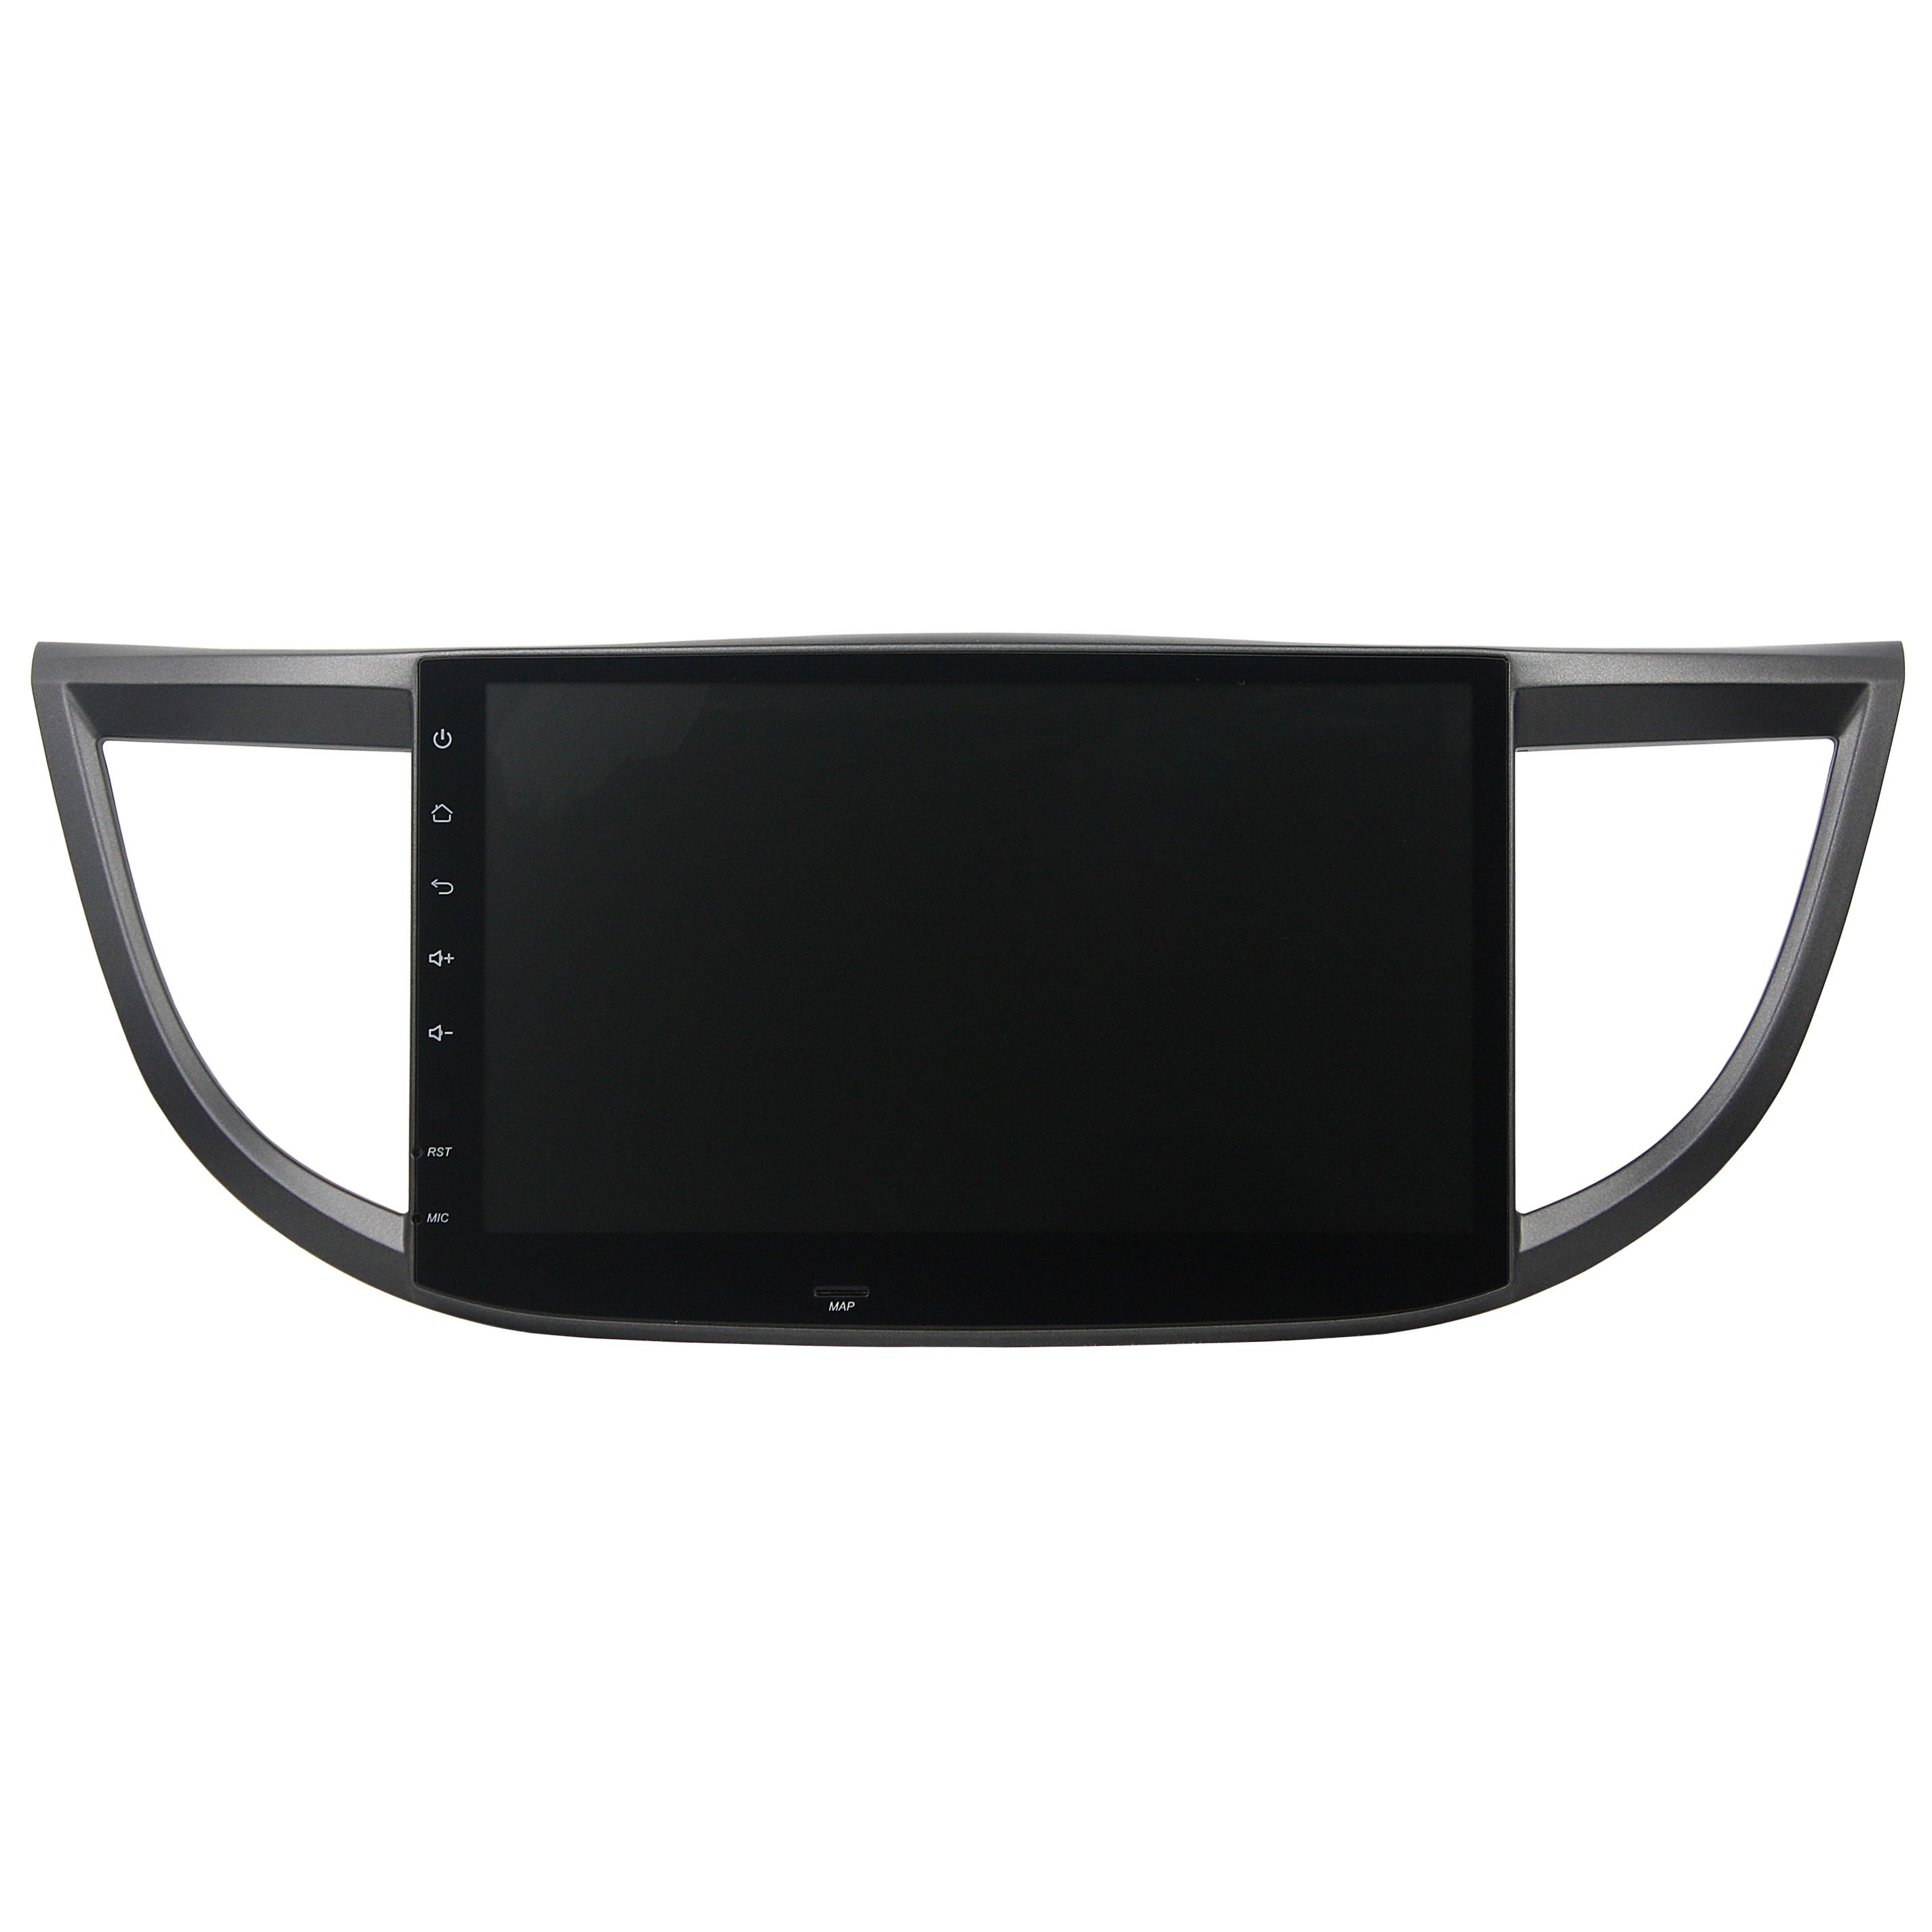 Штатная магнитола CARMEDIA KD-1050 DVD Honda CRV IV 2012-2015 (RM) штатная магнитола carmedia dabt 3706 dvd honda pilot 2008 2015